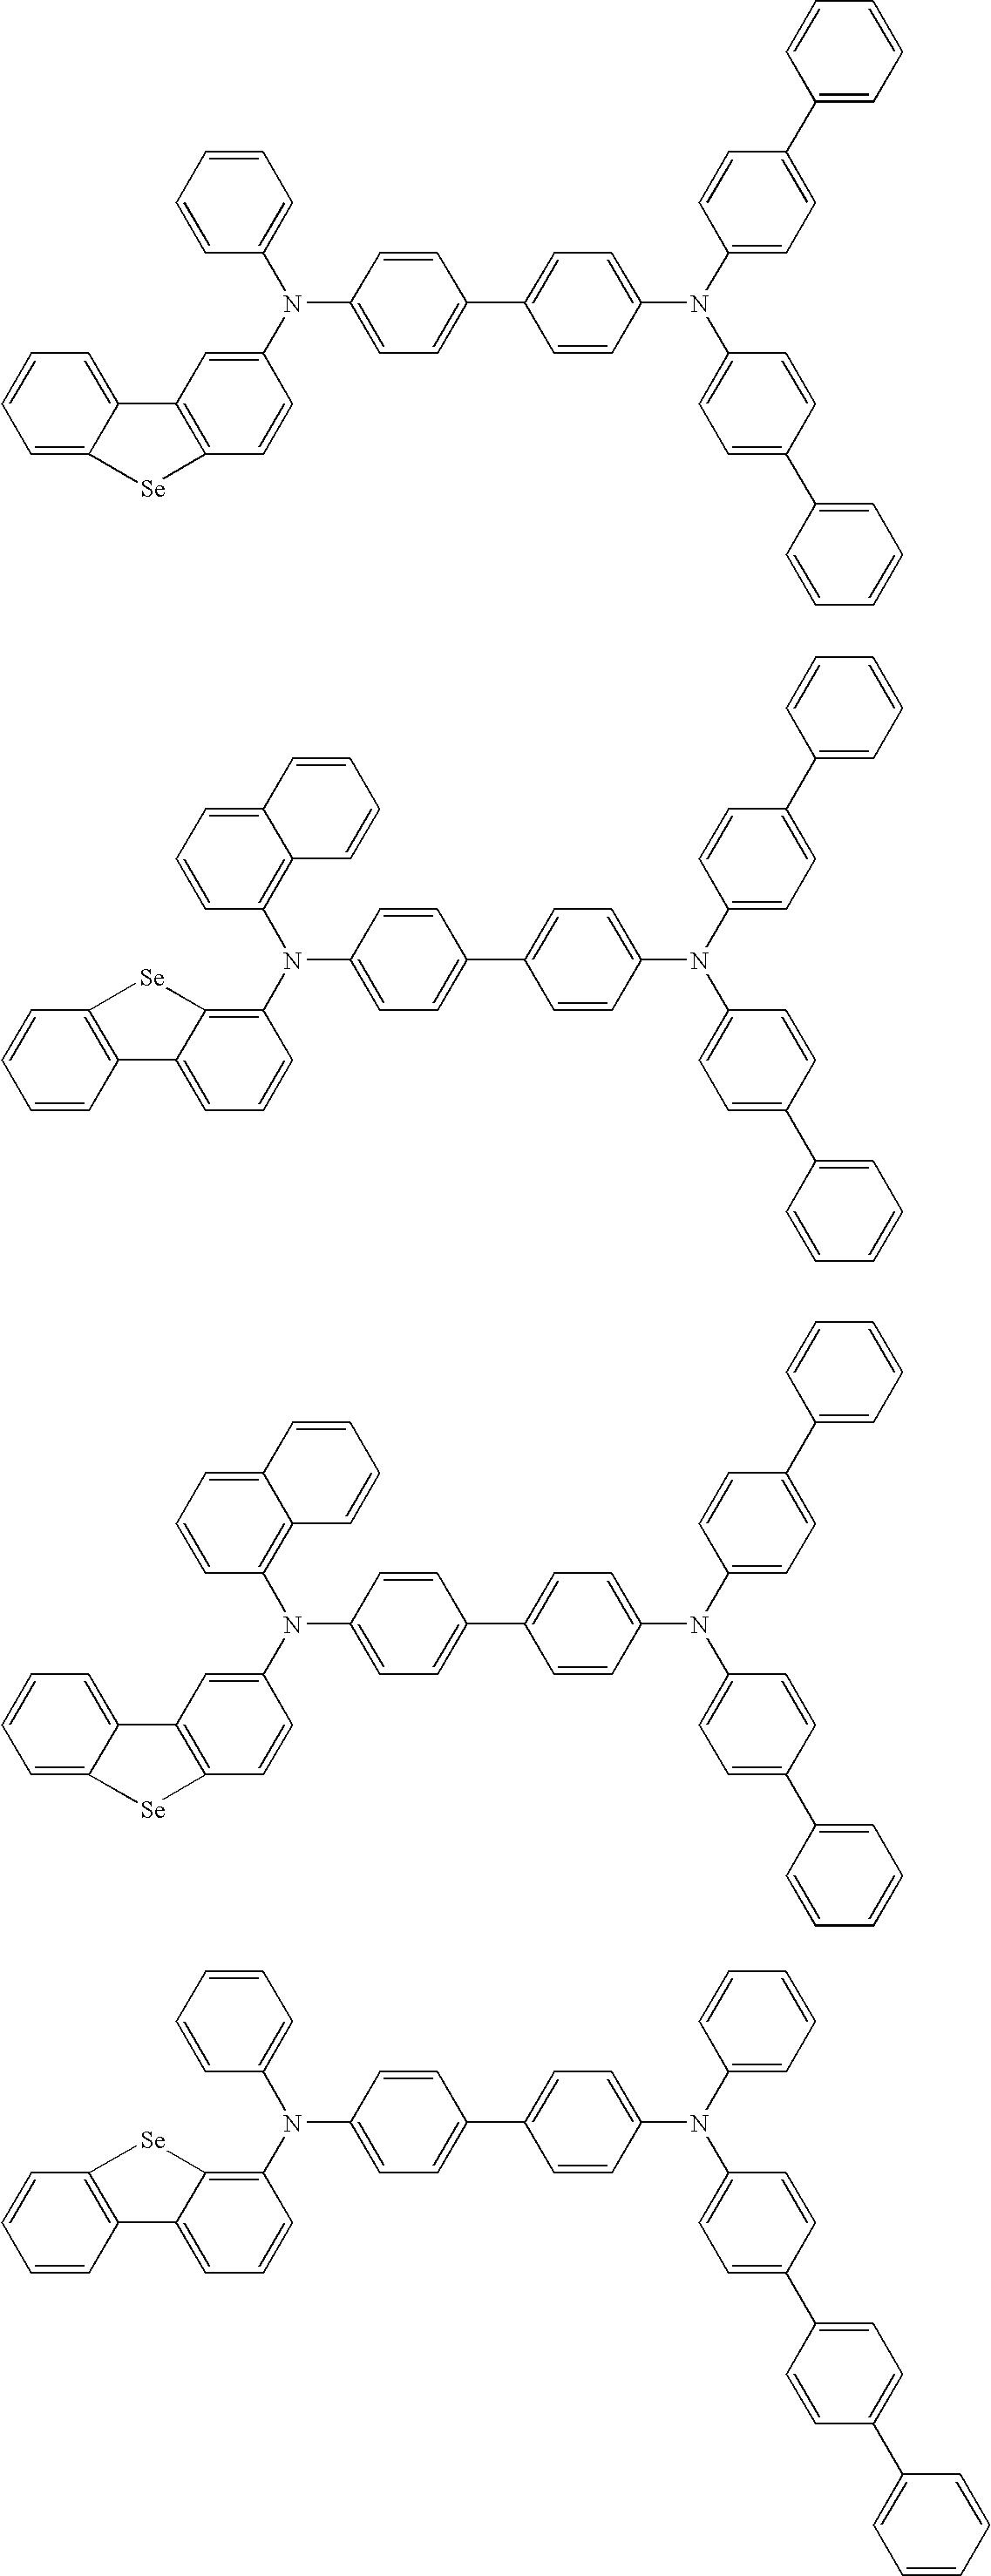 Figure US20100072887A1-20100325-C00246